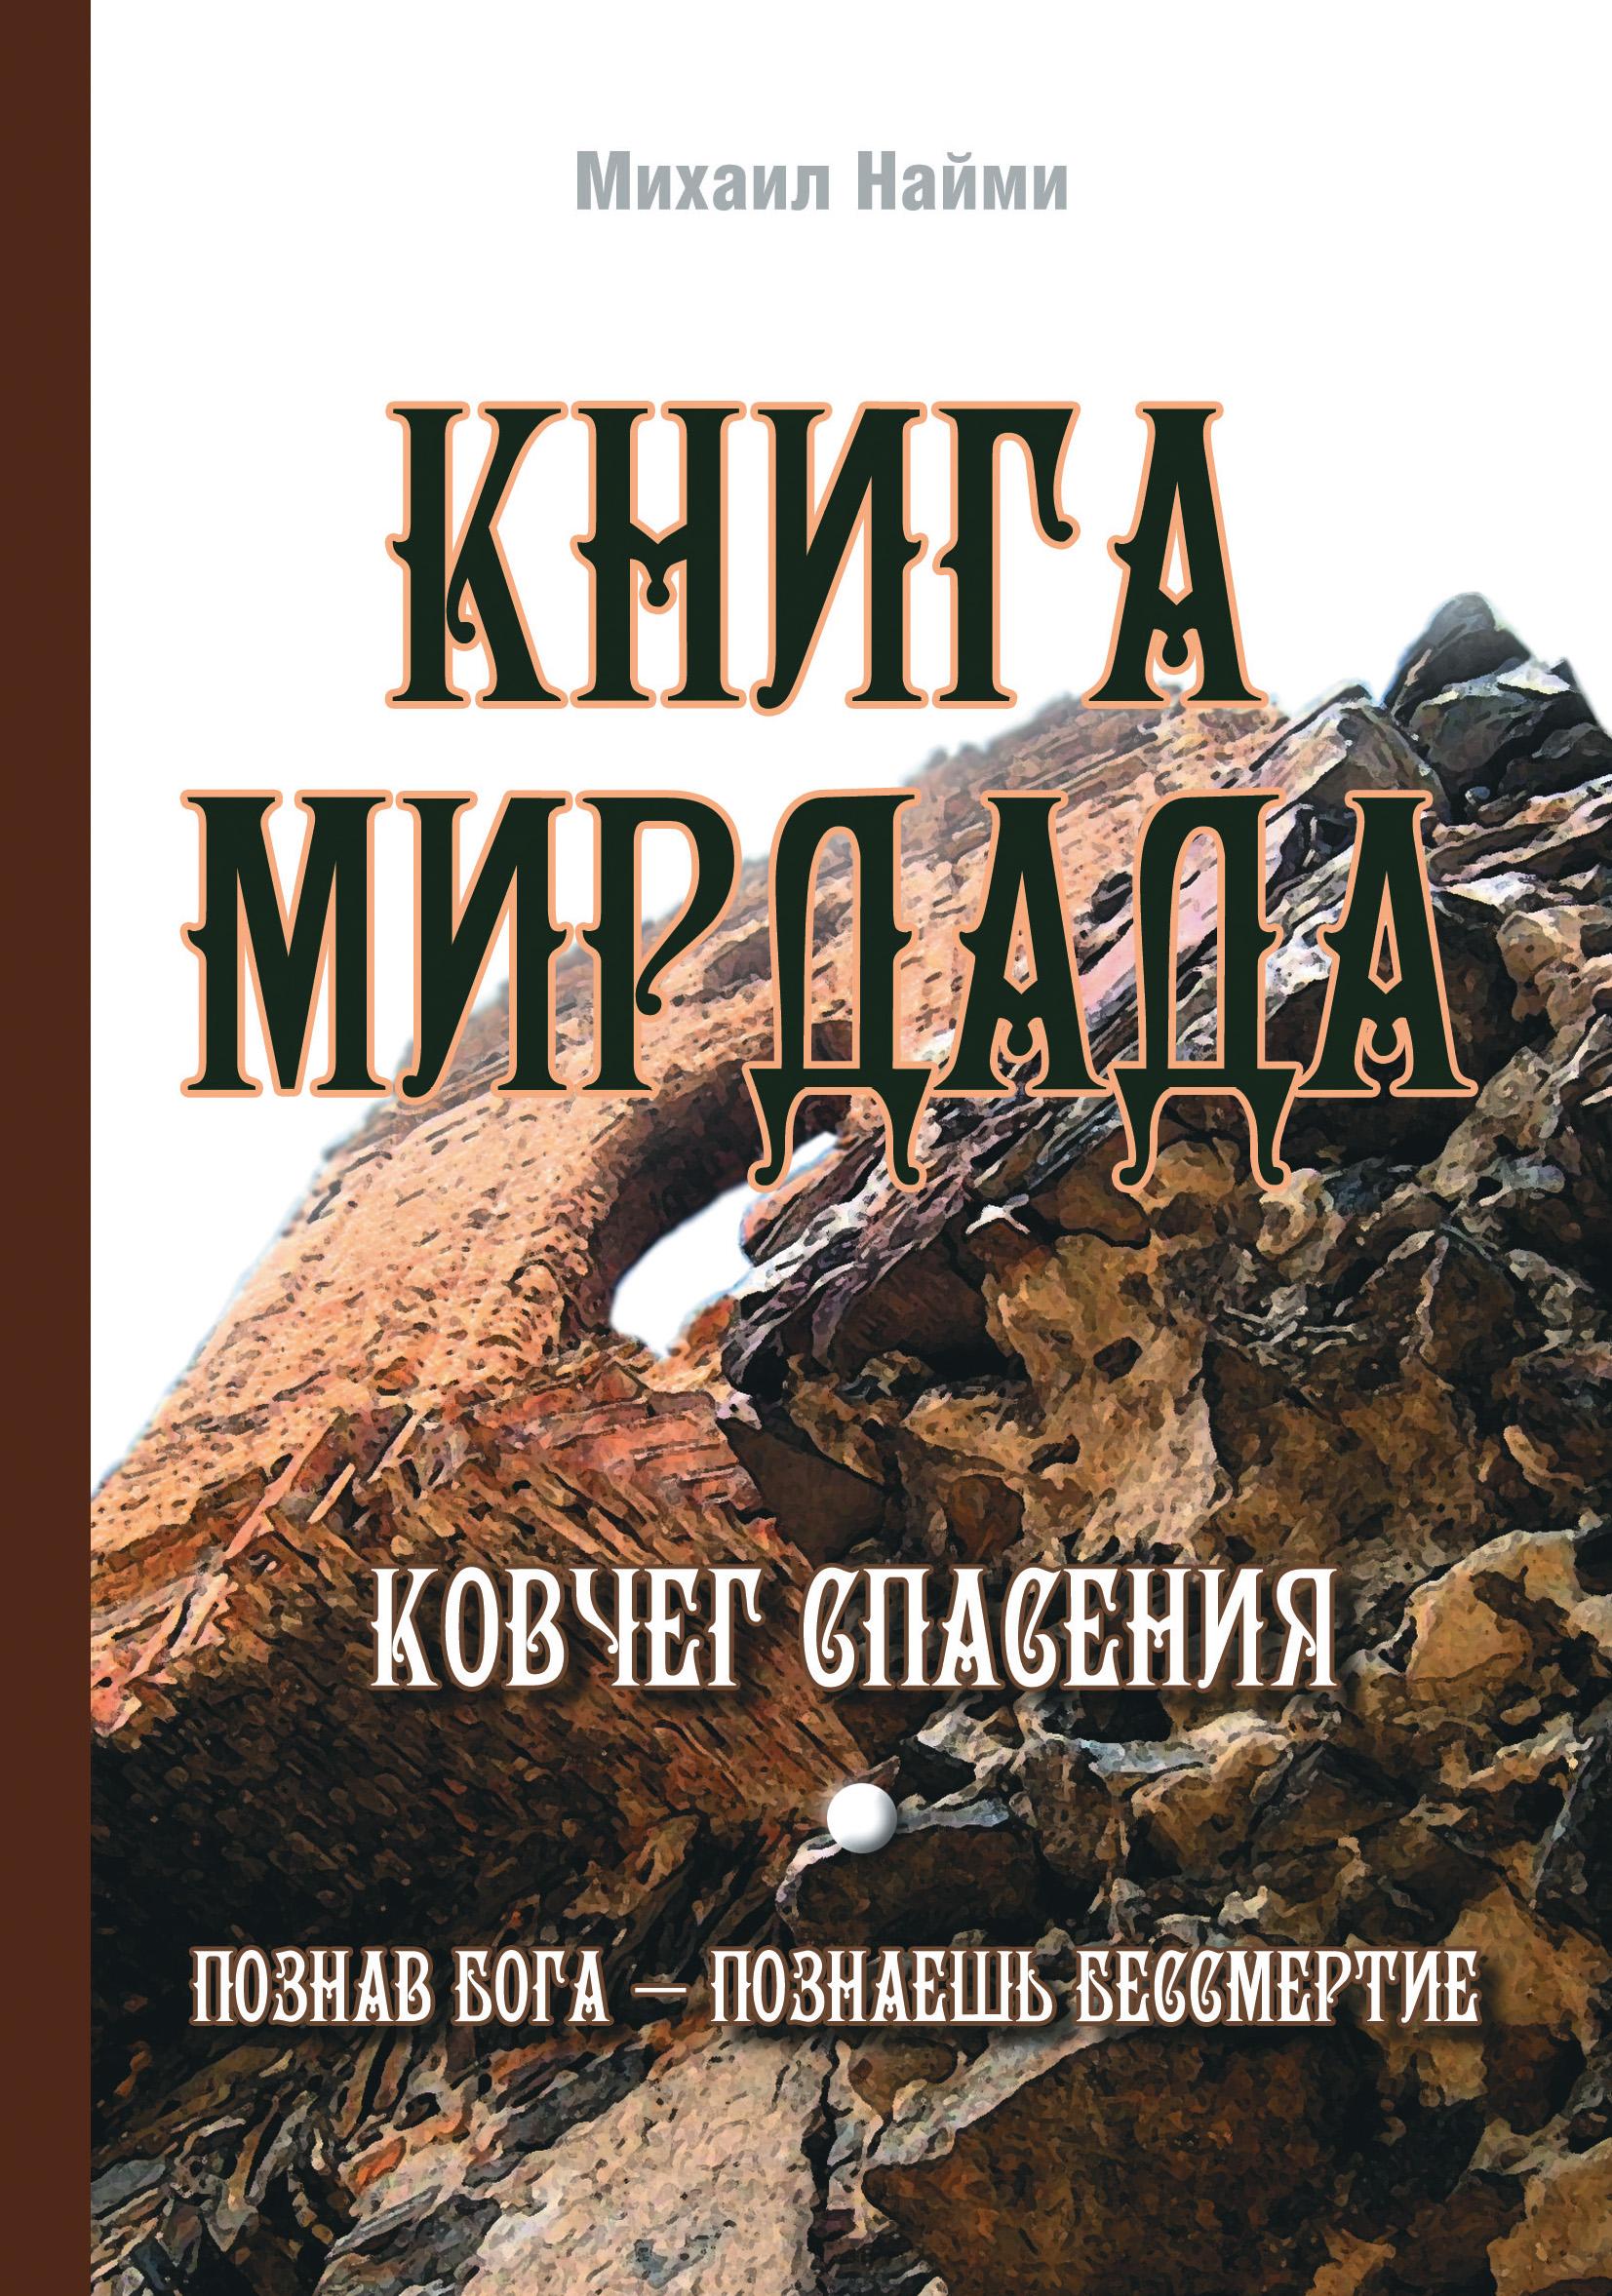 Книга Мирдада. Ковчег спасения. 2-е изд